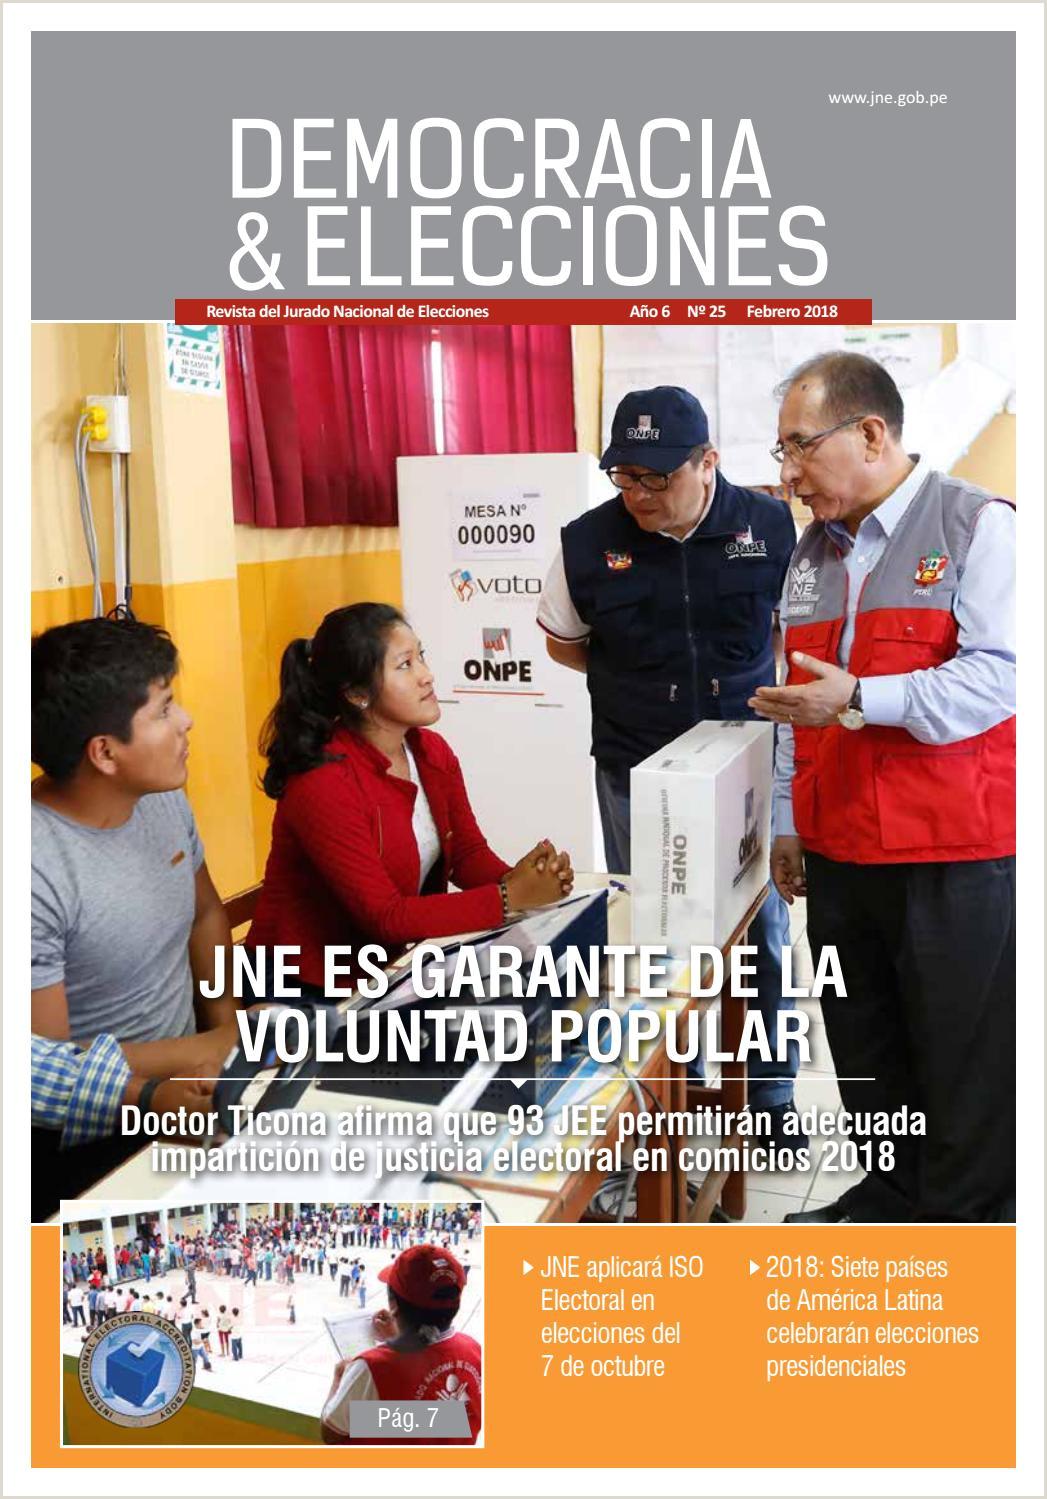 Formato Unico De Hoja De Vida Jne 2018 Democracia & Elecciones N° 25 by Jurado Nacional De